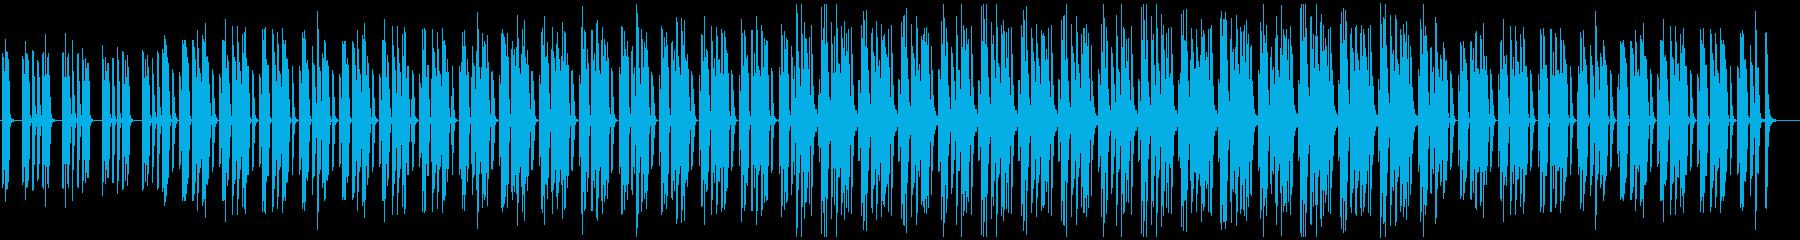 ミニマル・シンプル・ほのぼの・かわいいの再生済みの波形